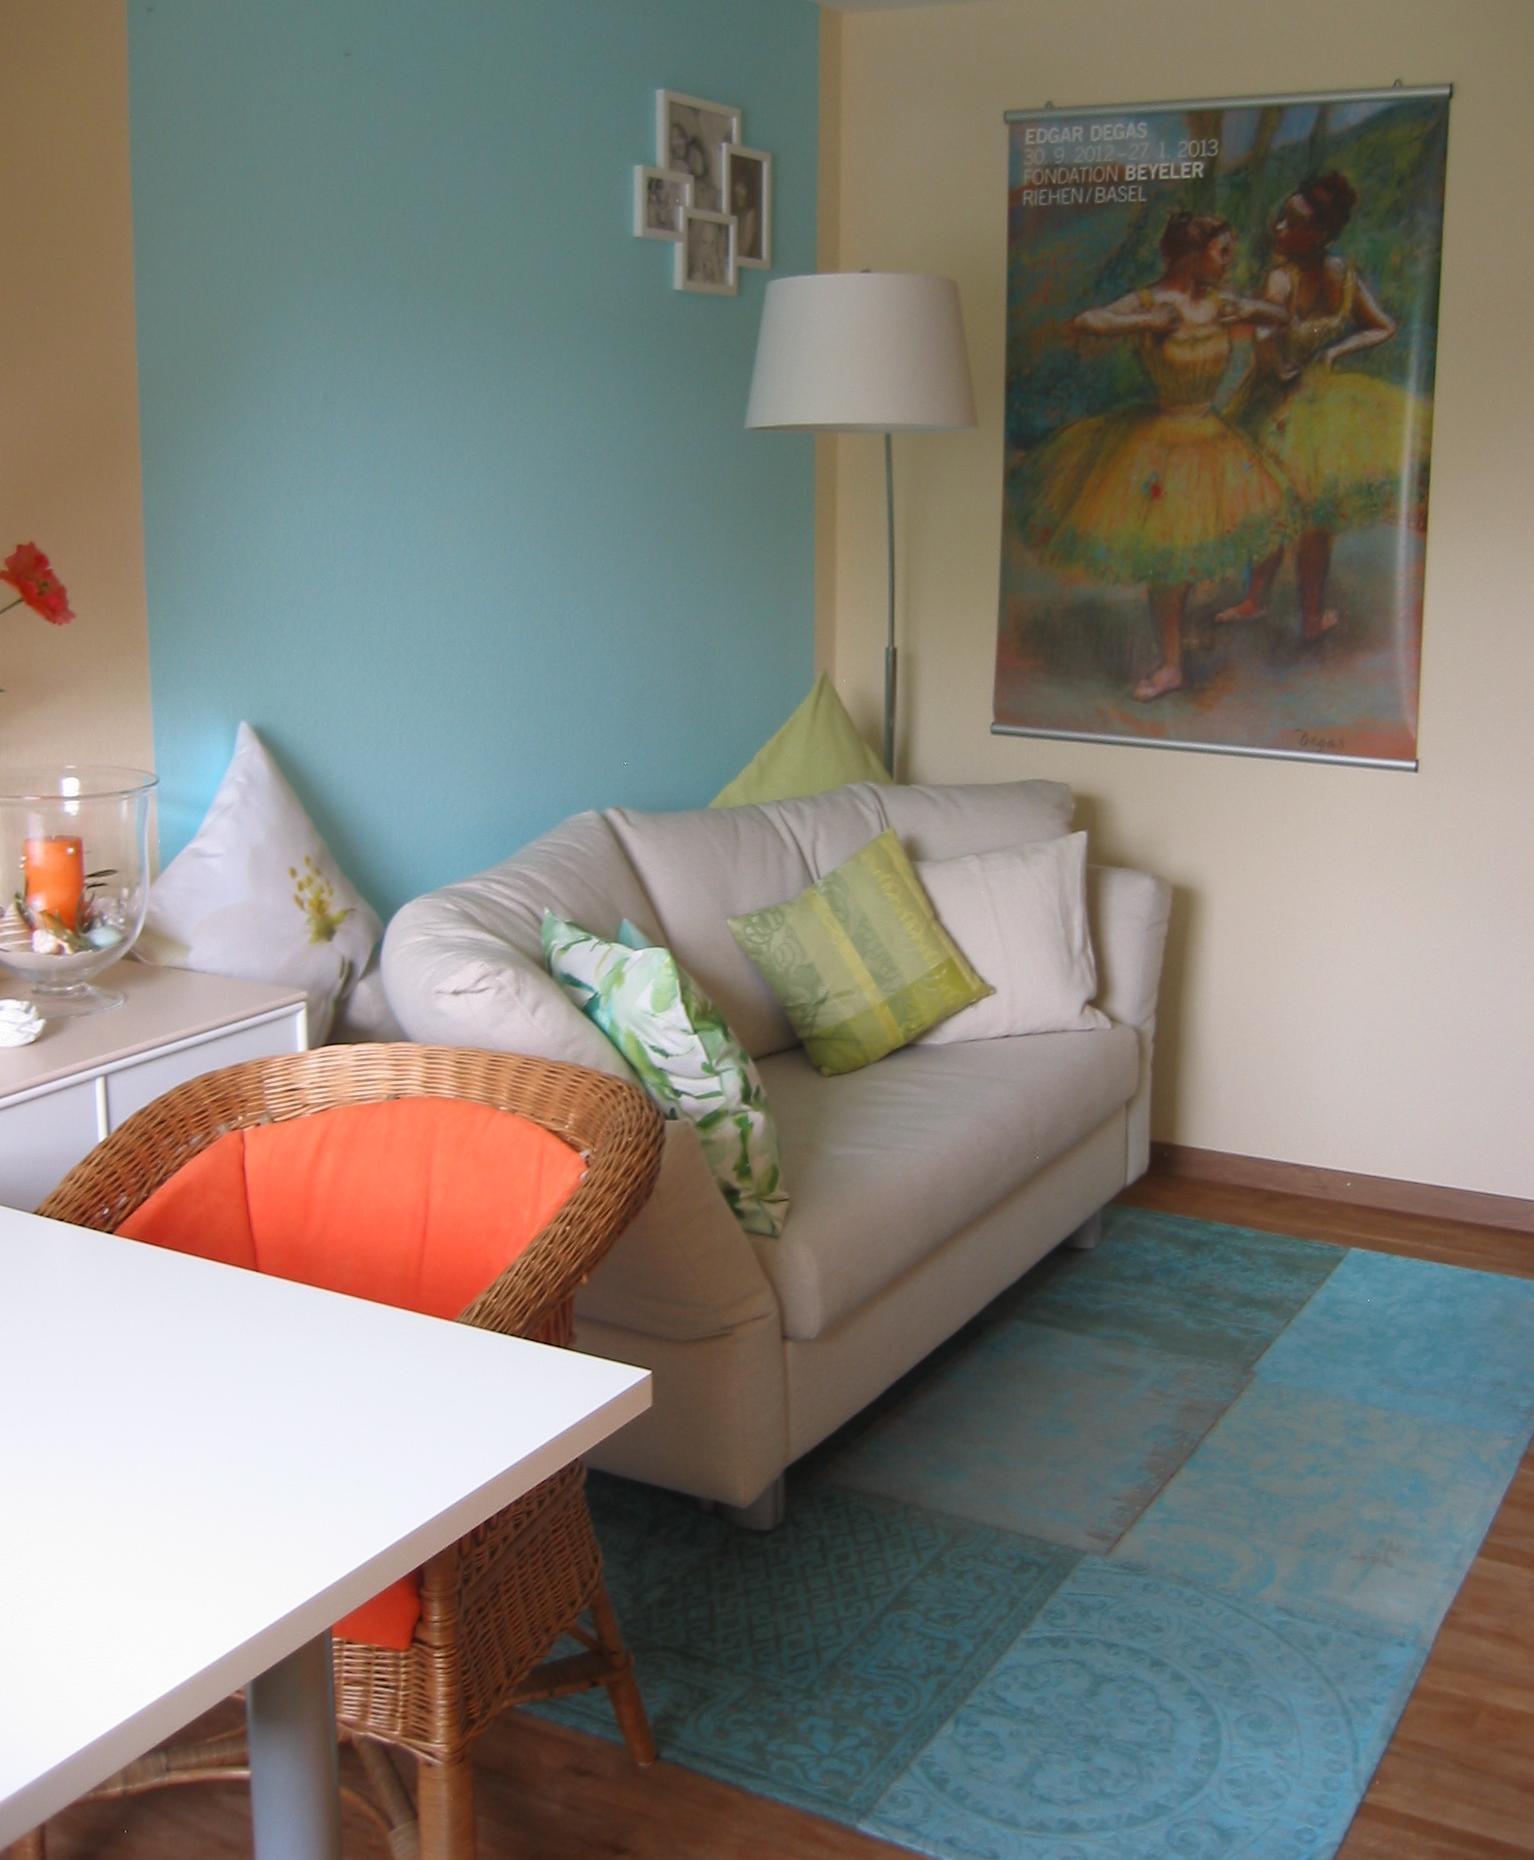 Bogenleuchten bilder ideen couchstyle - Ideen arbeitszimmer ...